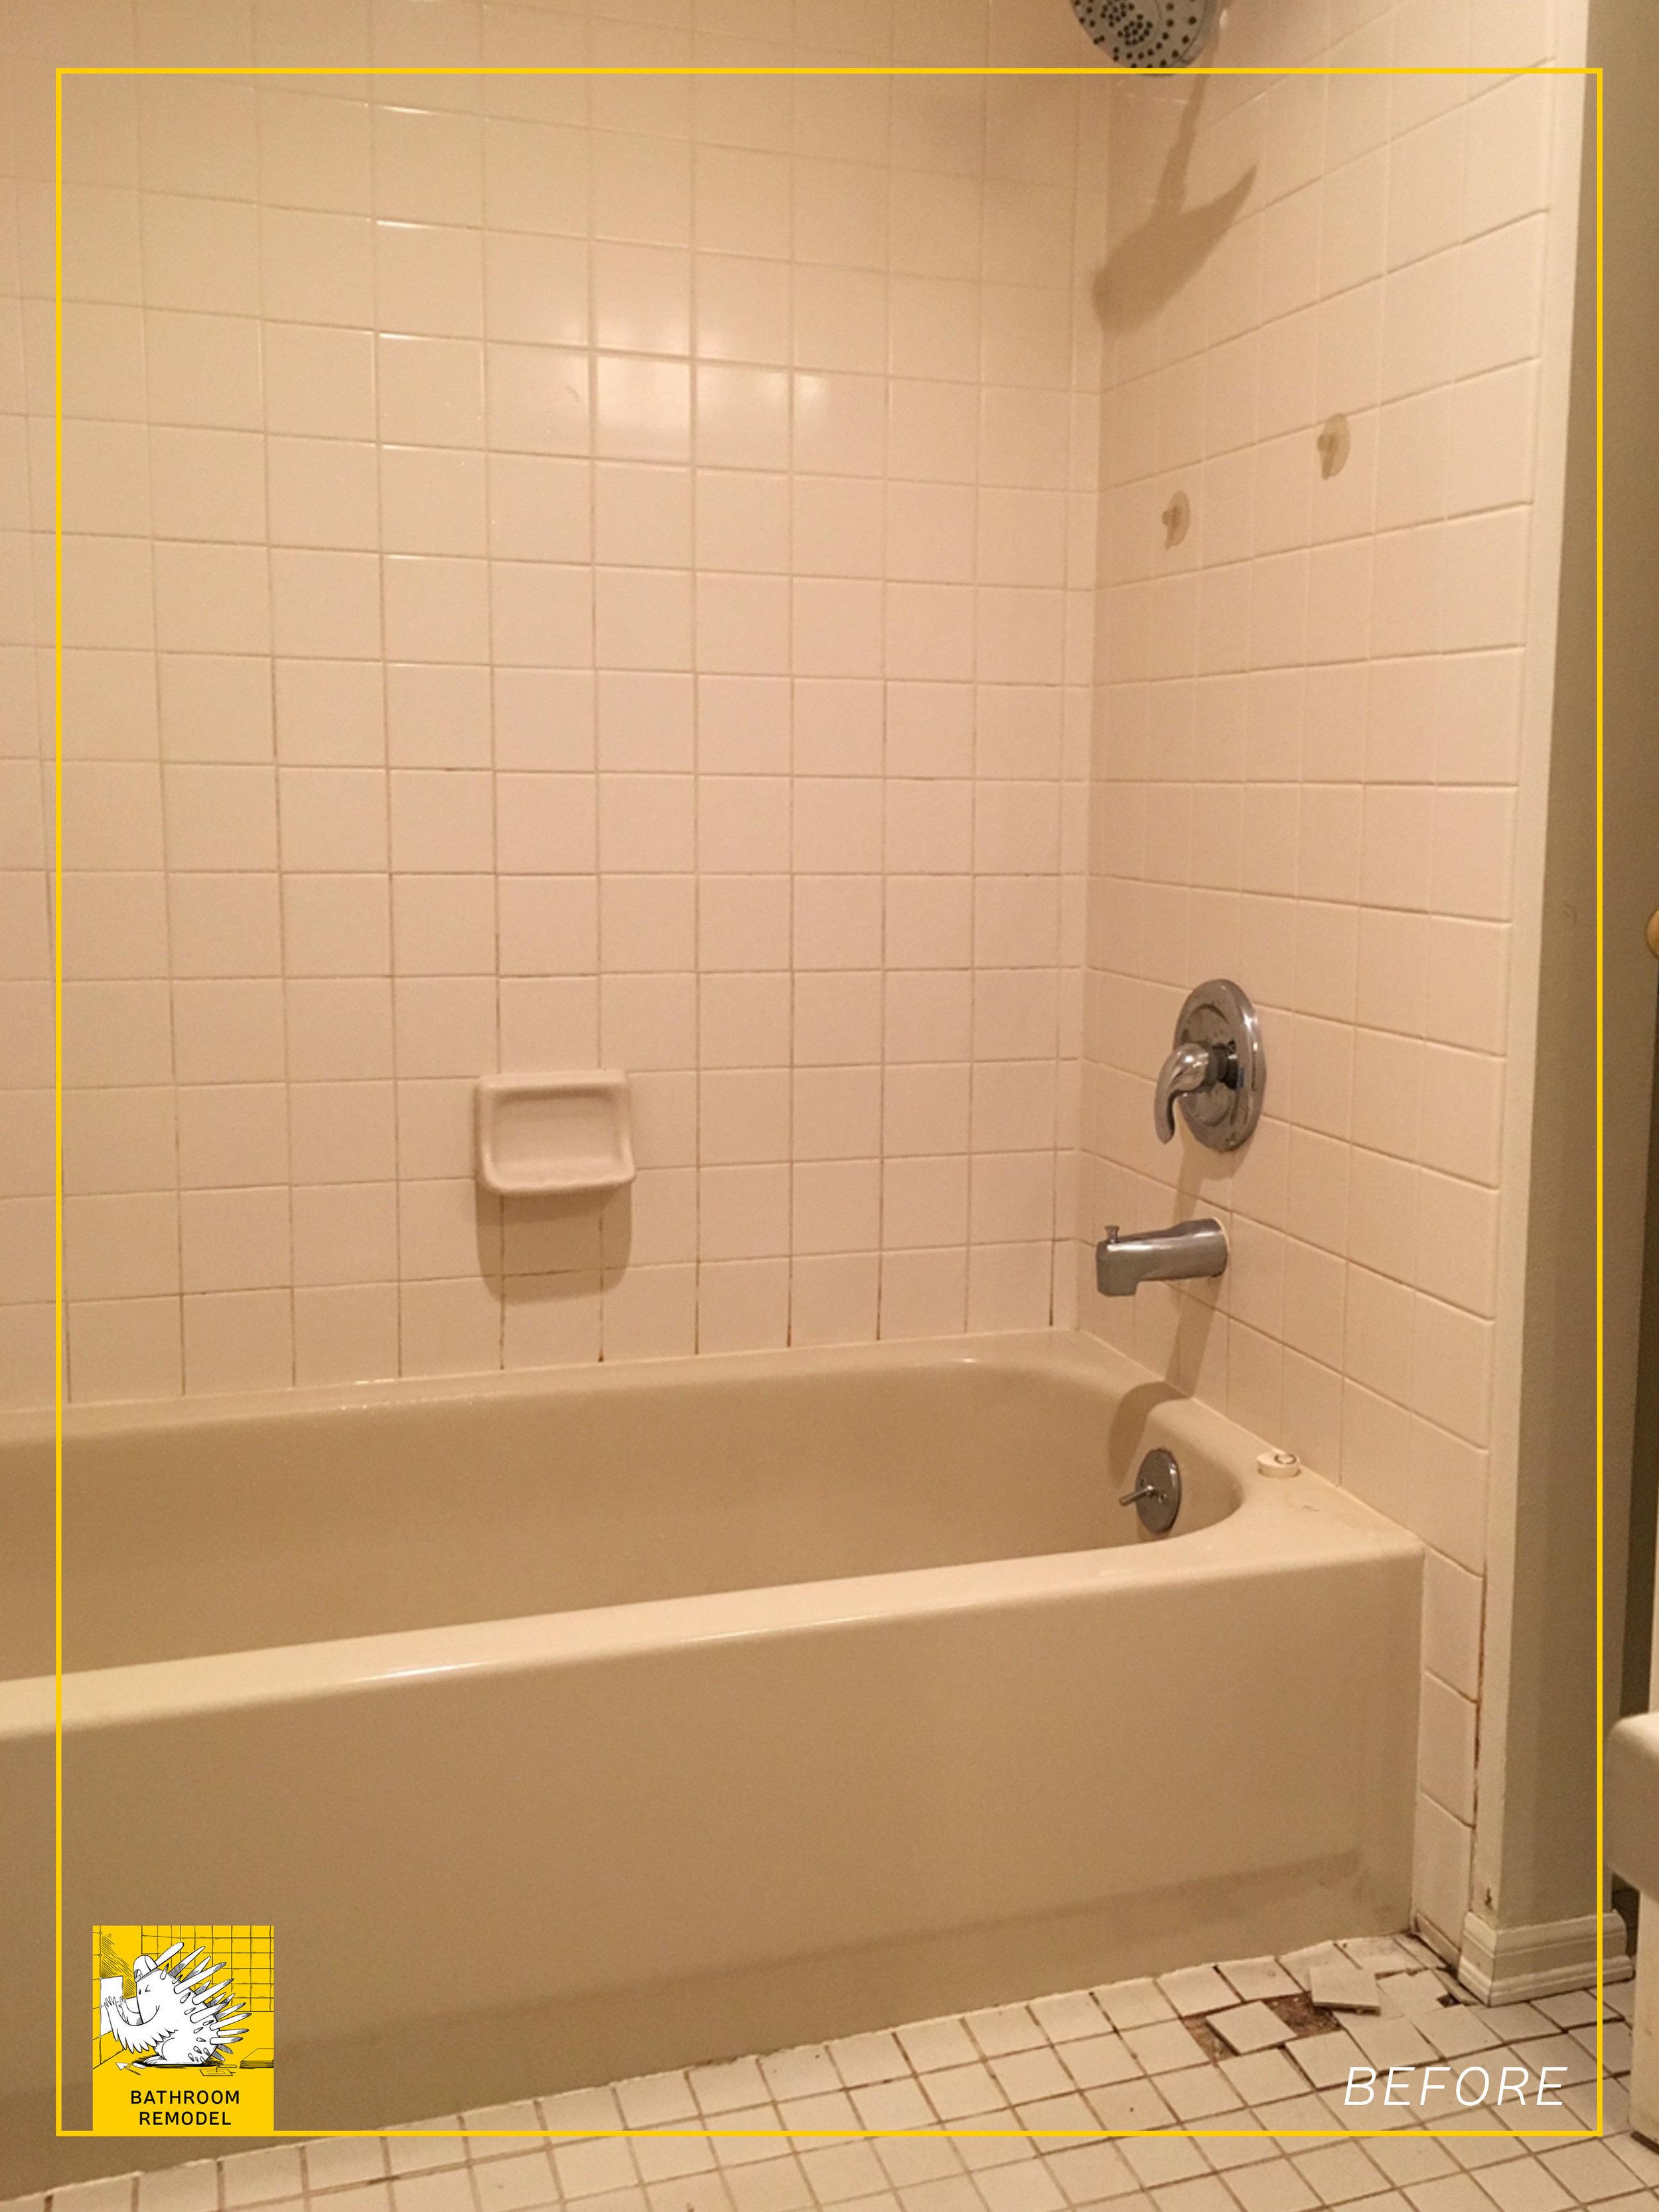 MT bathroom 1 before 2.jpg